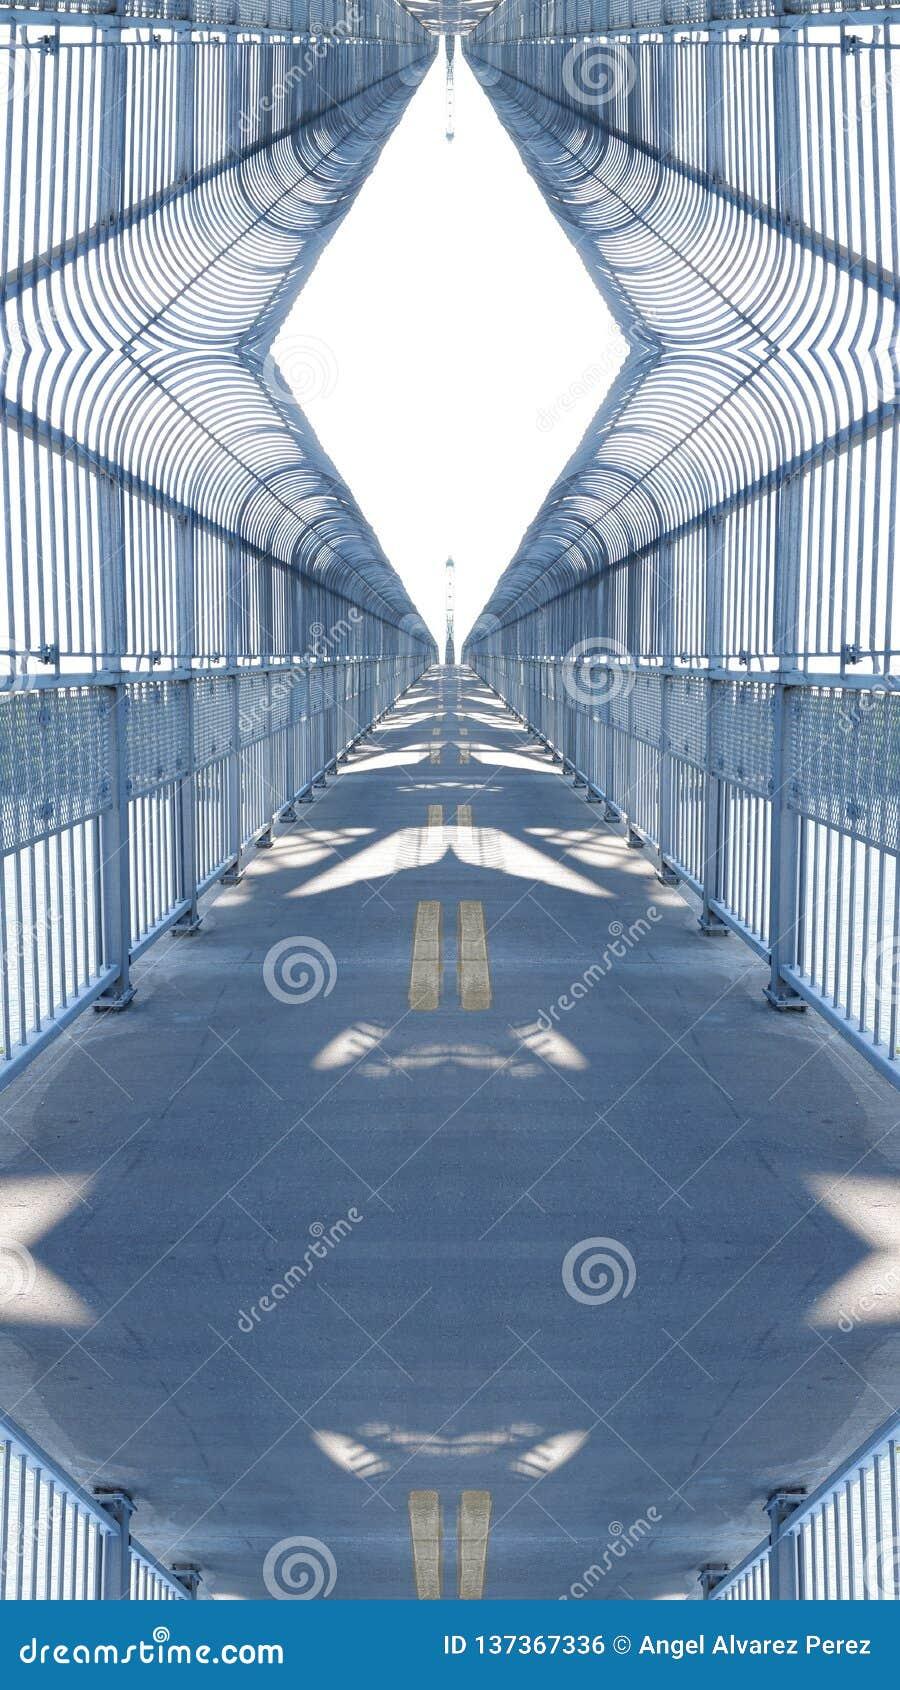 Spiegeleffect op een viaduct